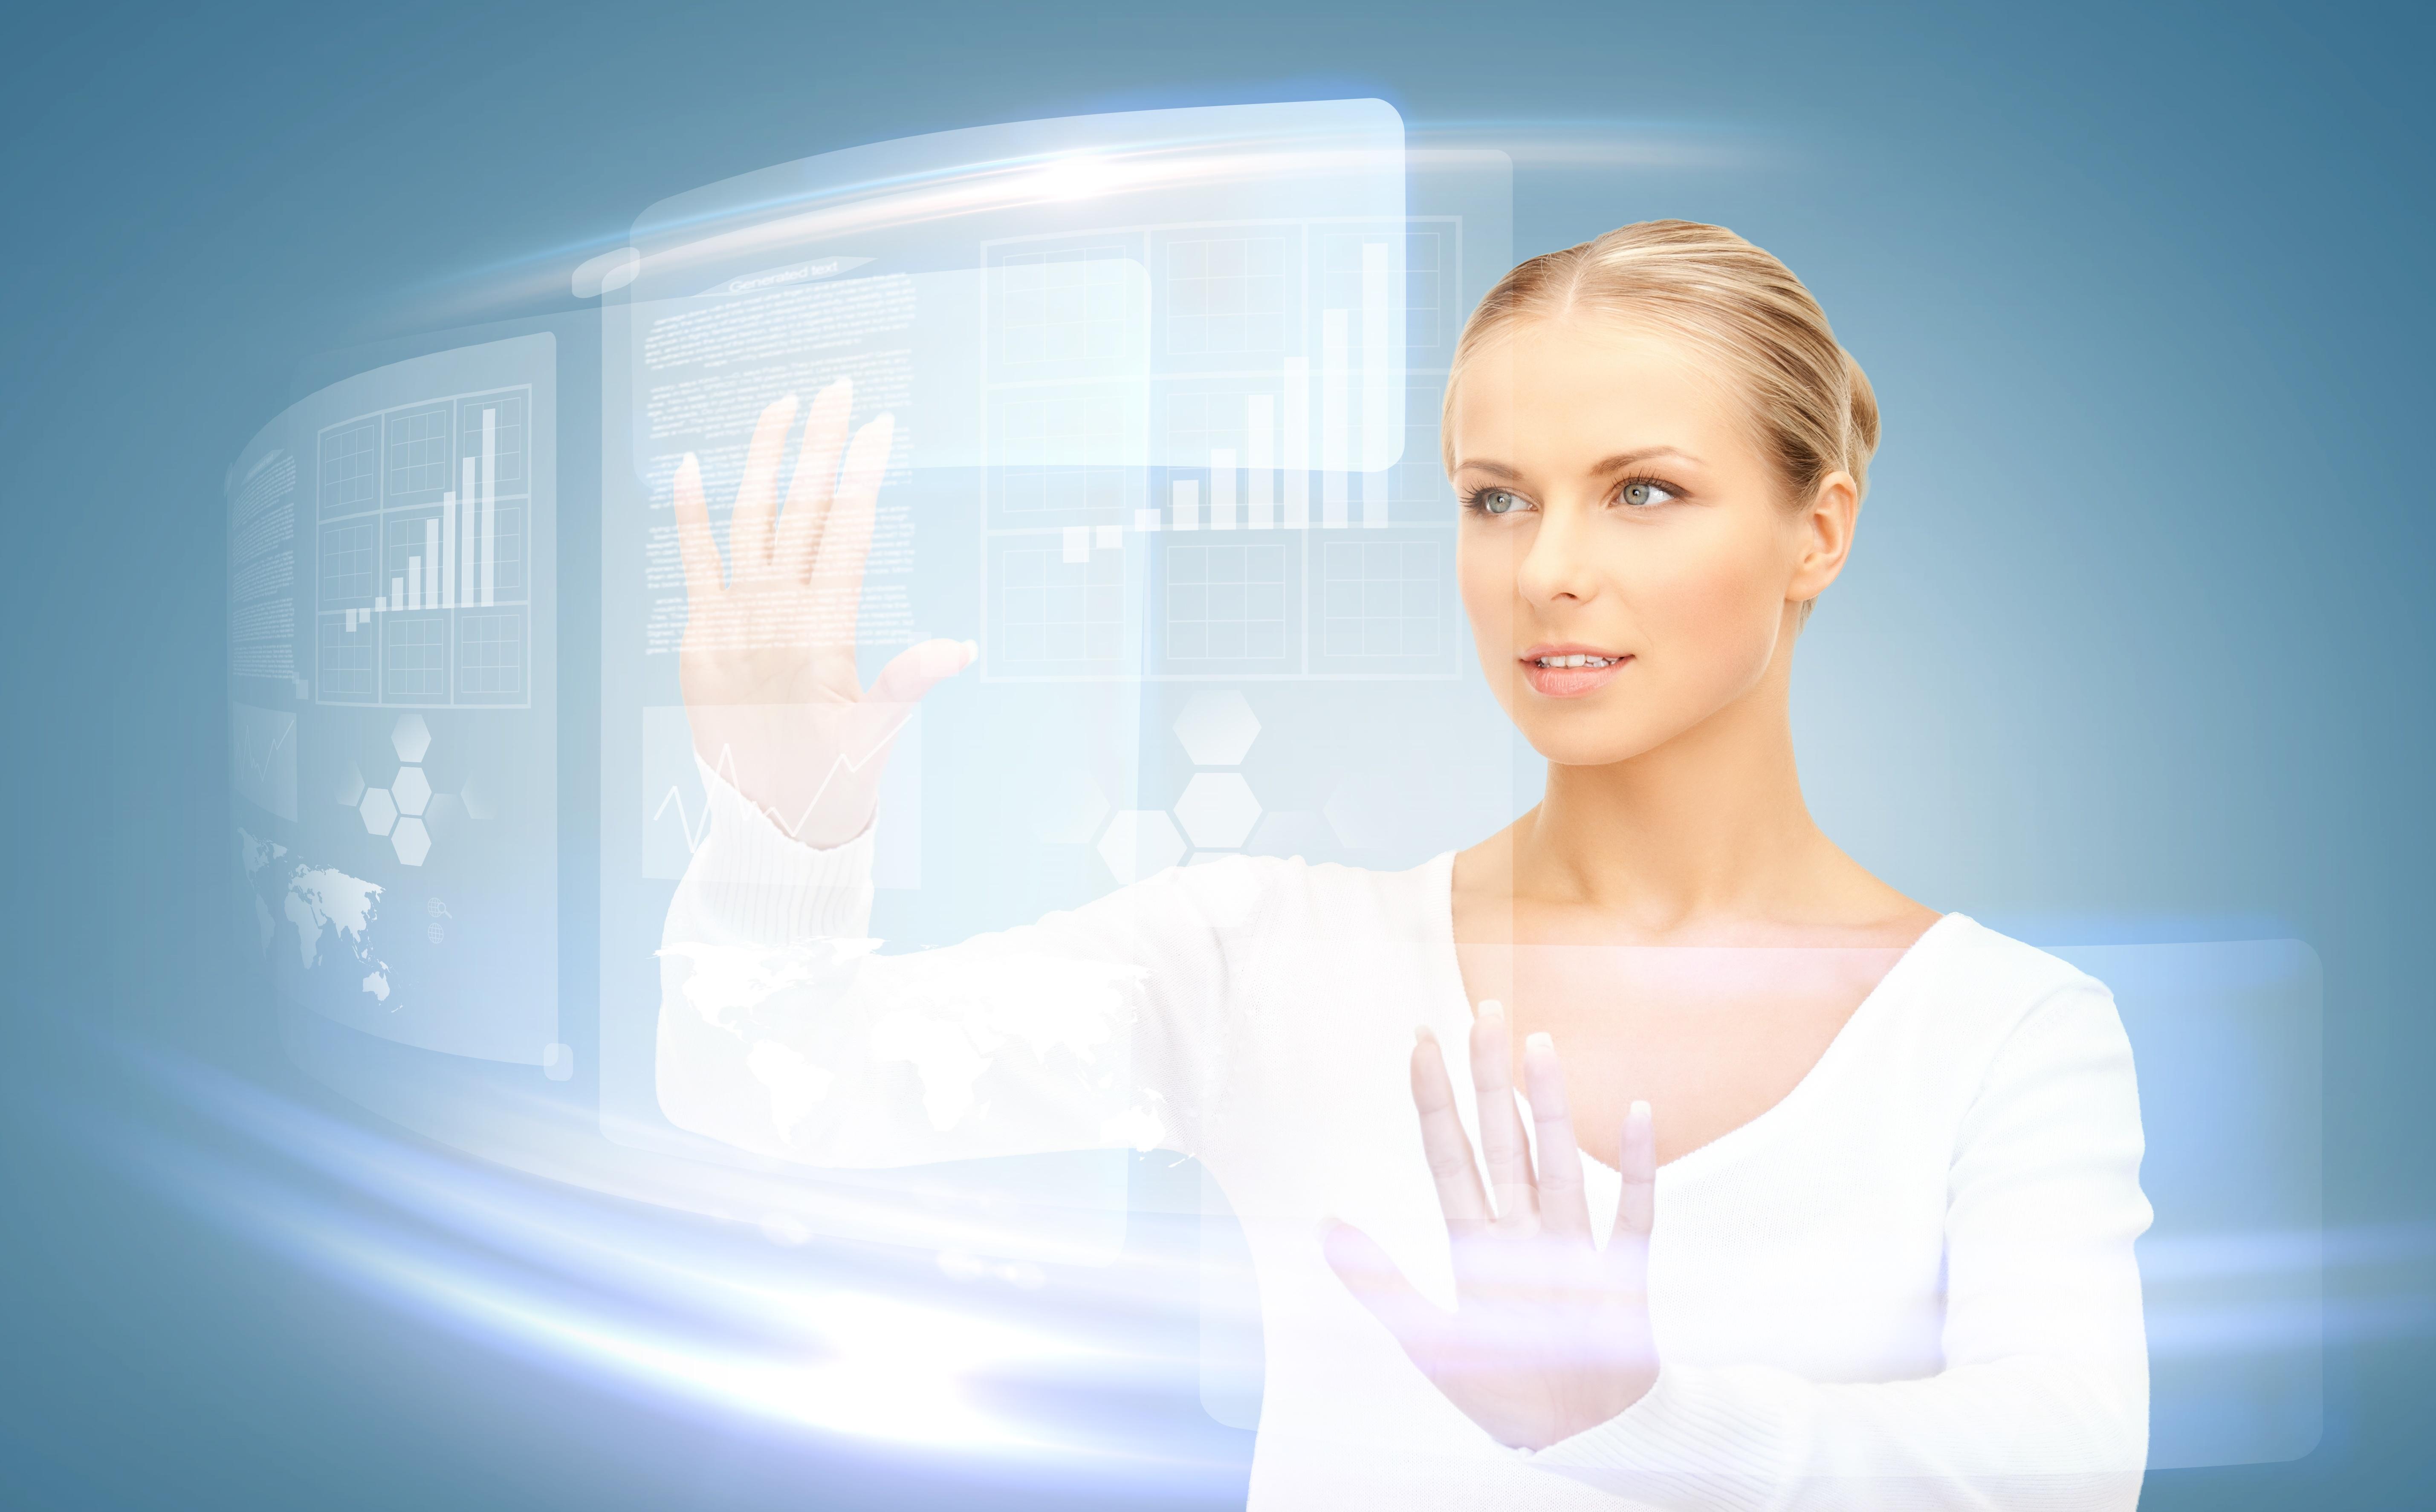 professionisti-donne-commercialisti-futuro